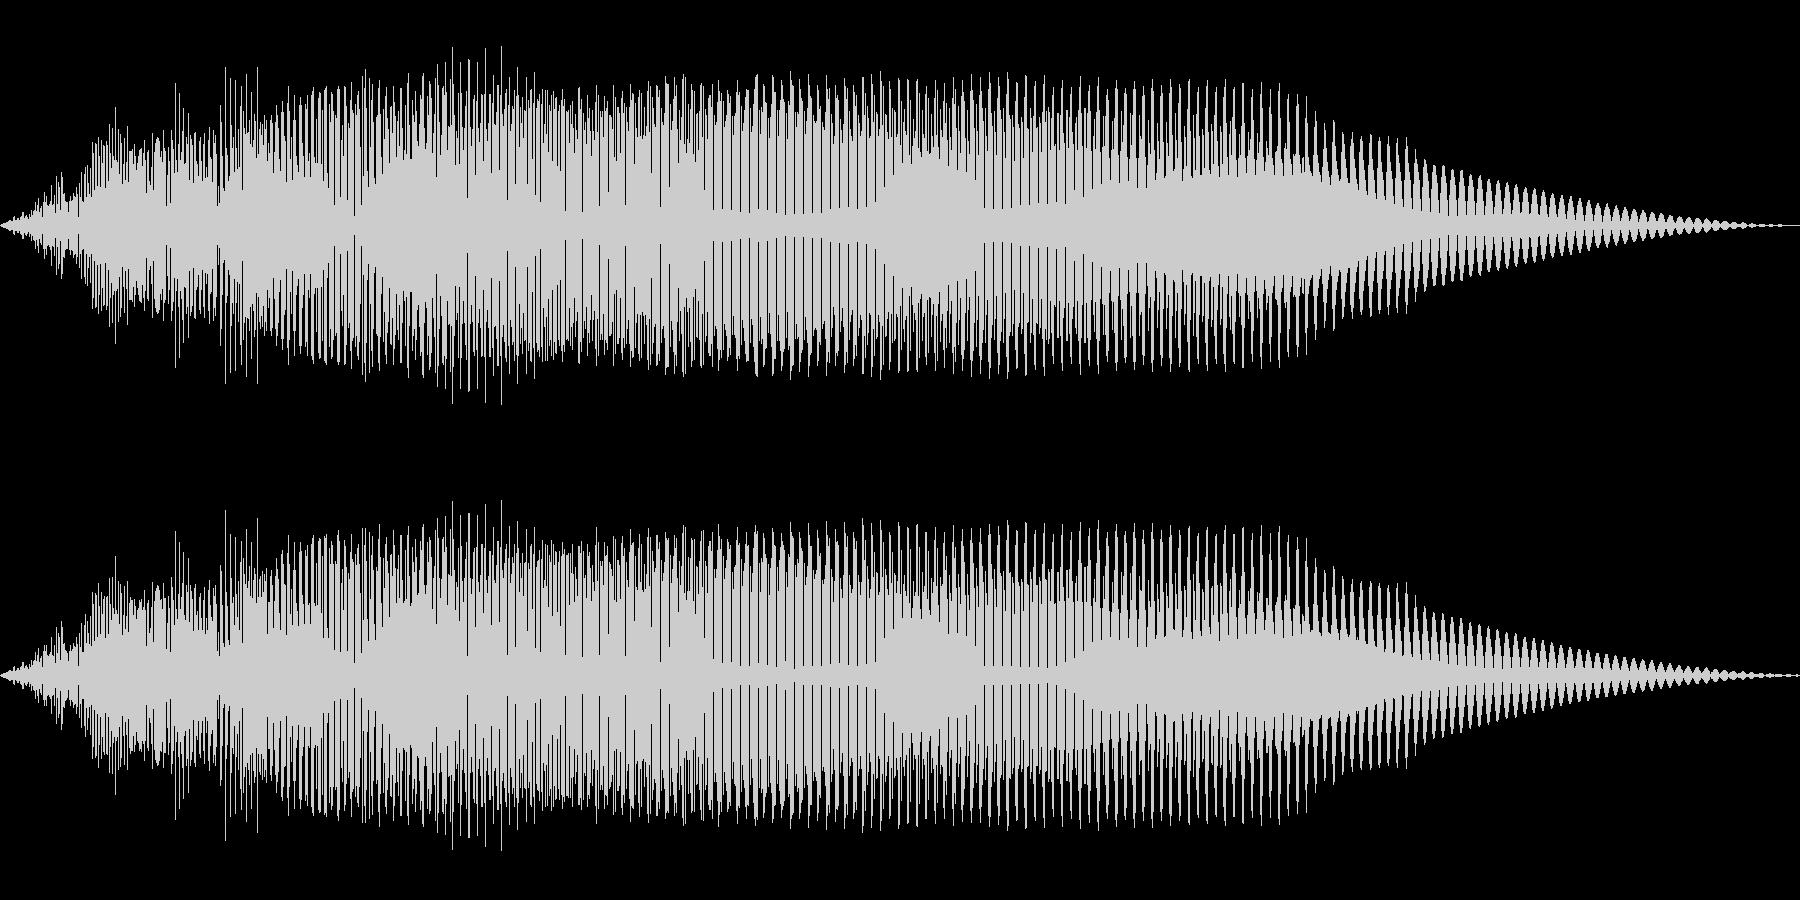 ドゥーン(ワープ/転送装置/SF)の未再生の波形